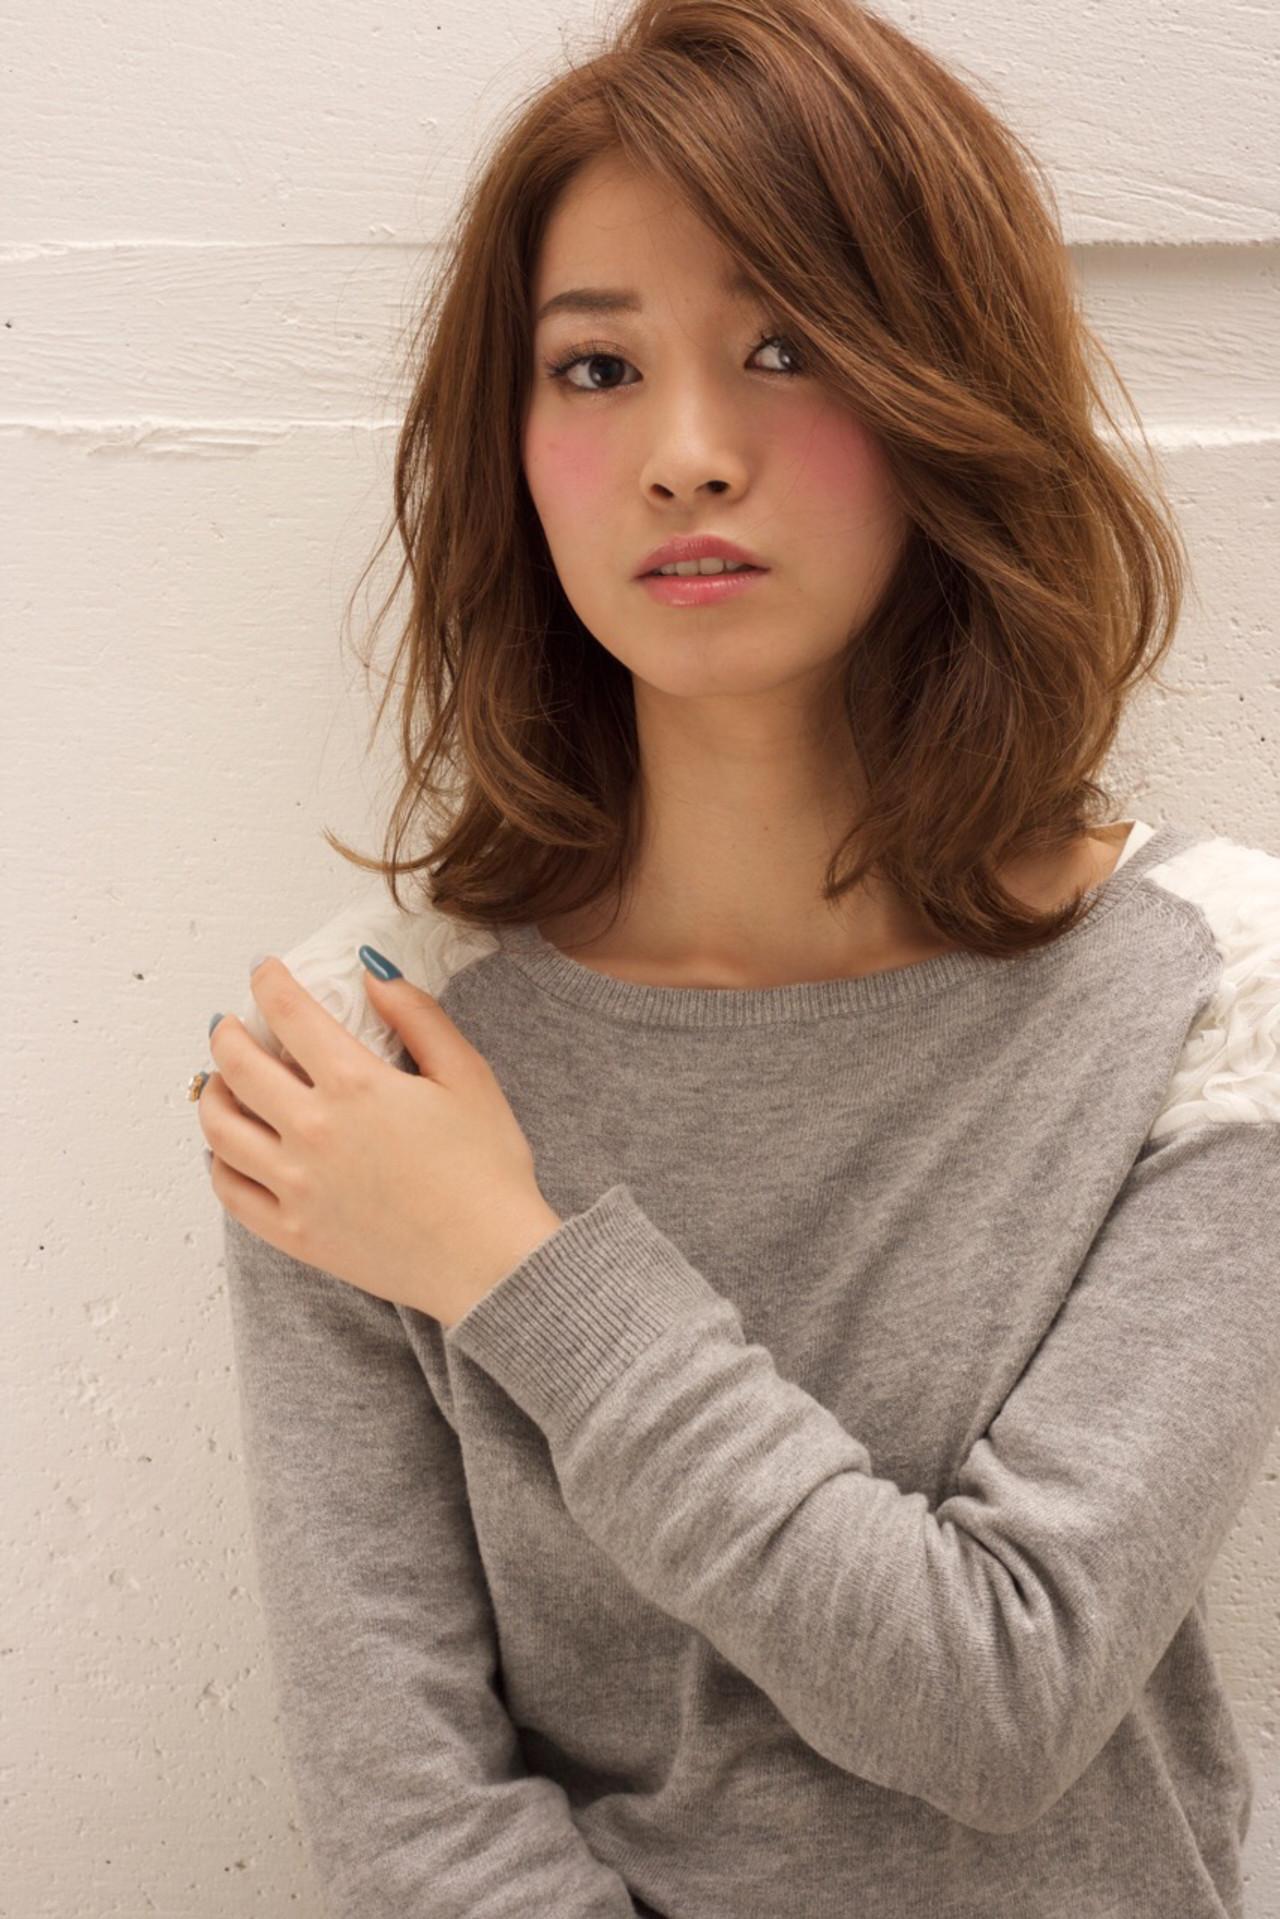 レイヤーカット 大人女子 ミディアム ナチュラル ヘアスタイルや髪型の写真・画像 | 鈴木 謙太 / HAIRLOGY